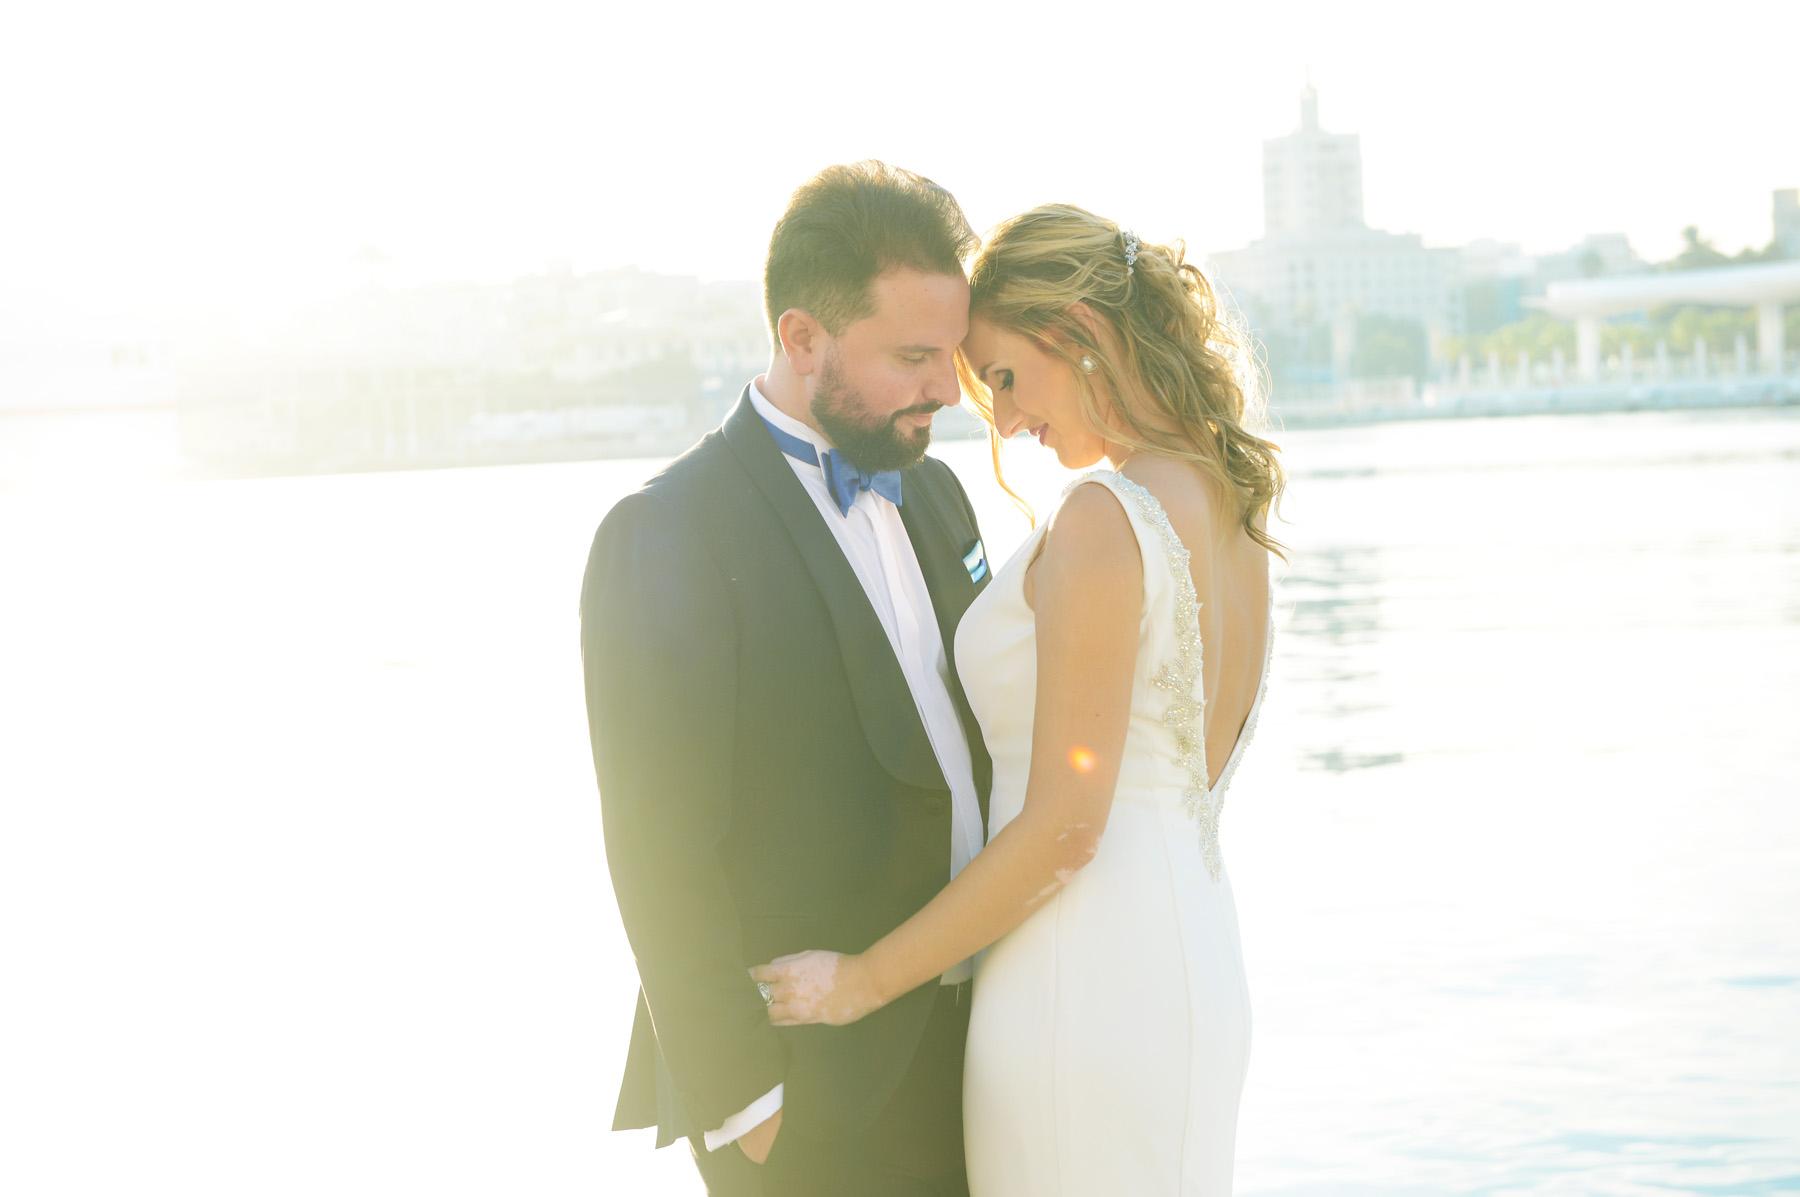 fotografas-de-boda-en-malaga